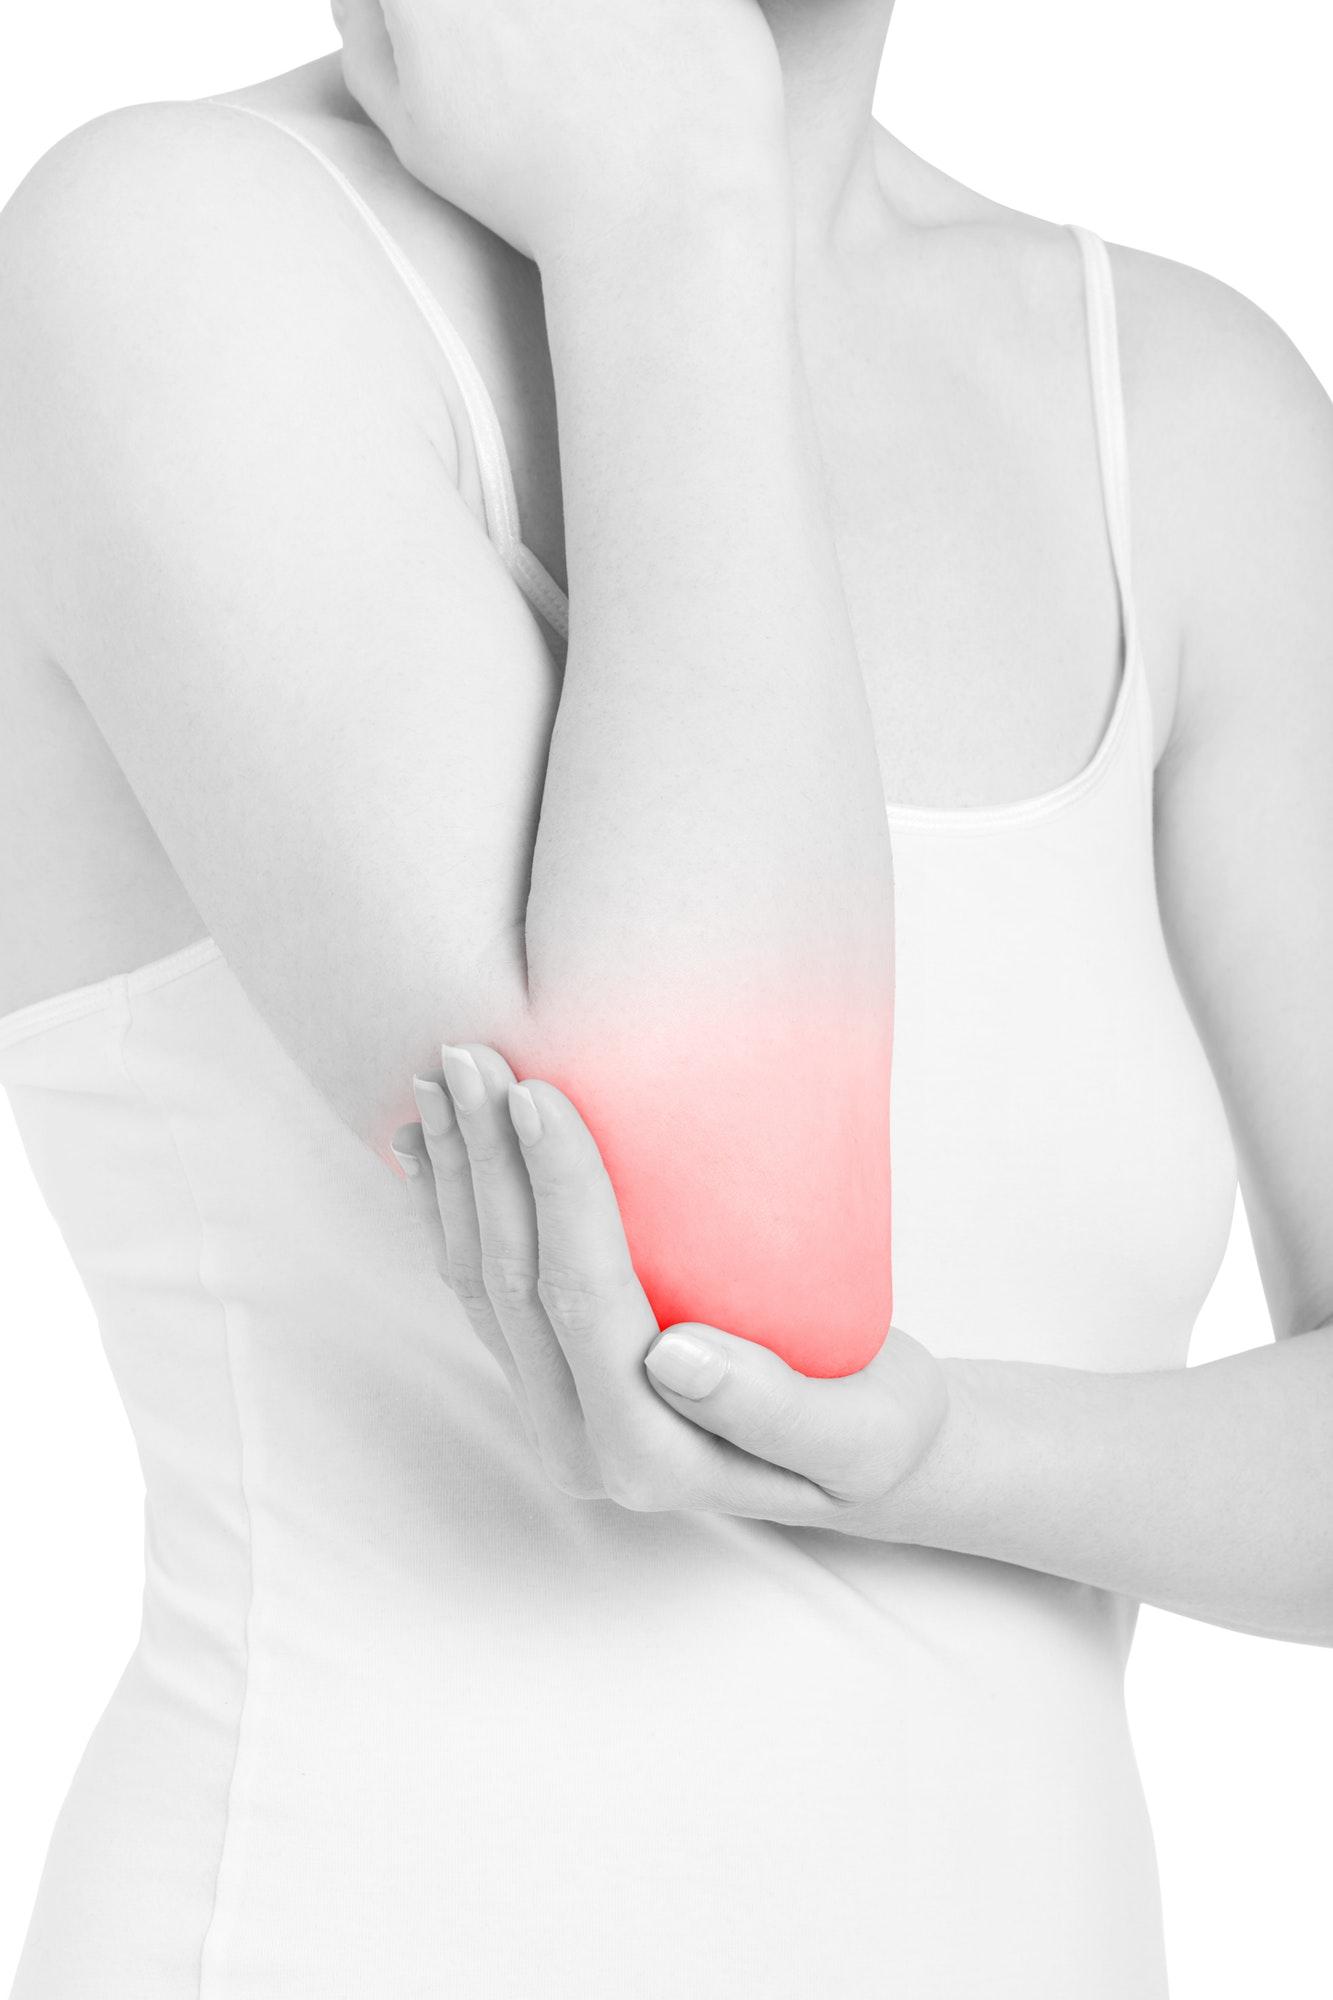 Klachten fysiotherapie manueel therapie busser Tsjoonk Velp